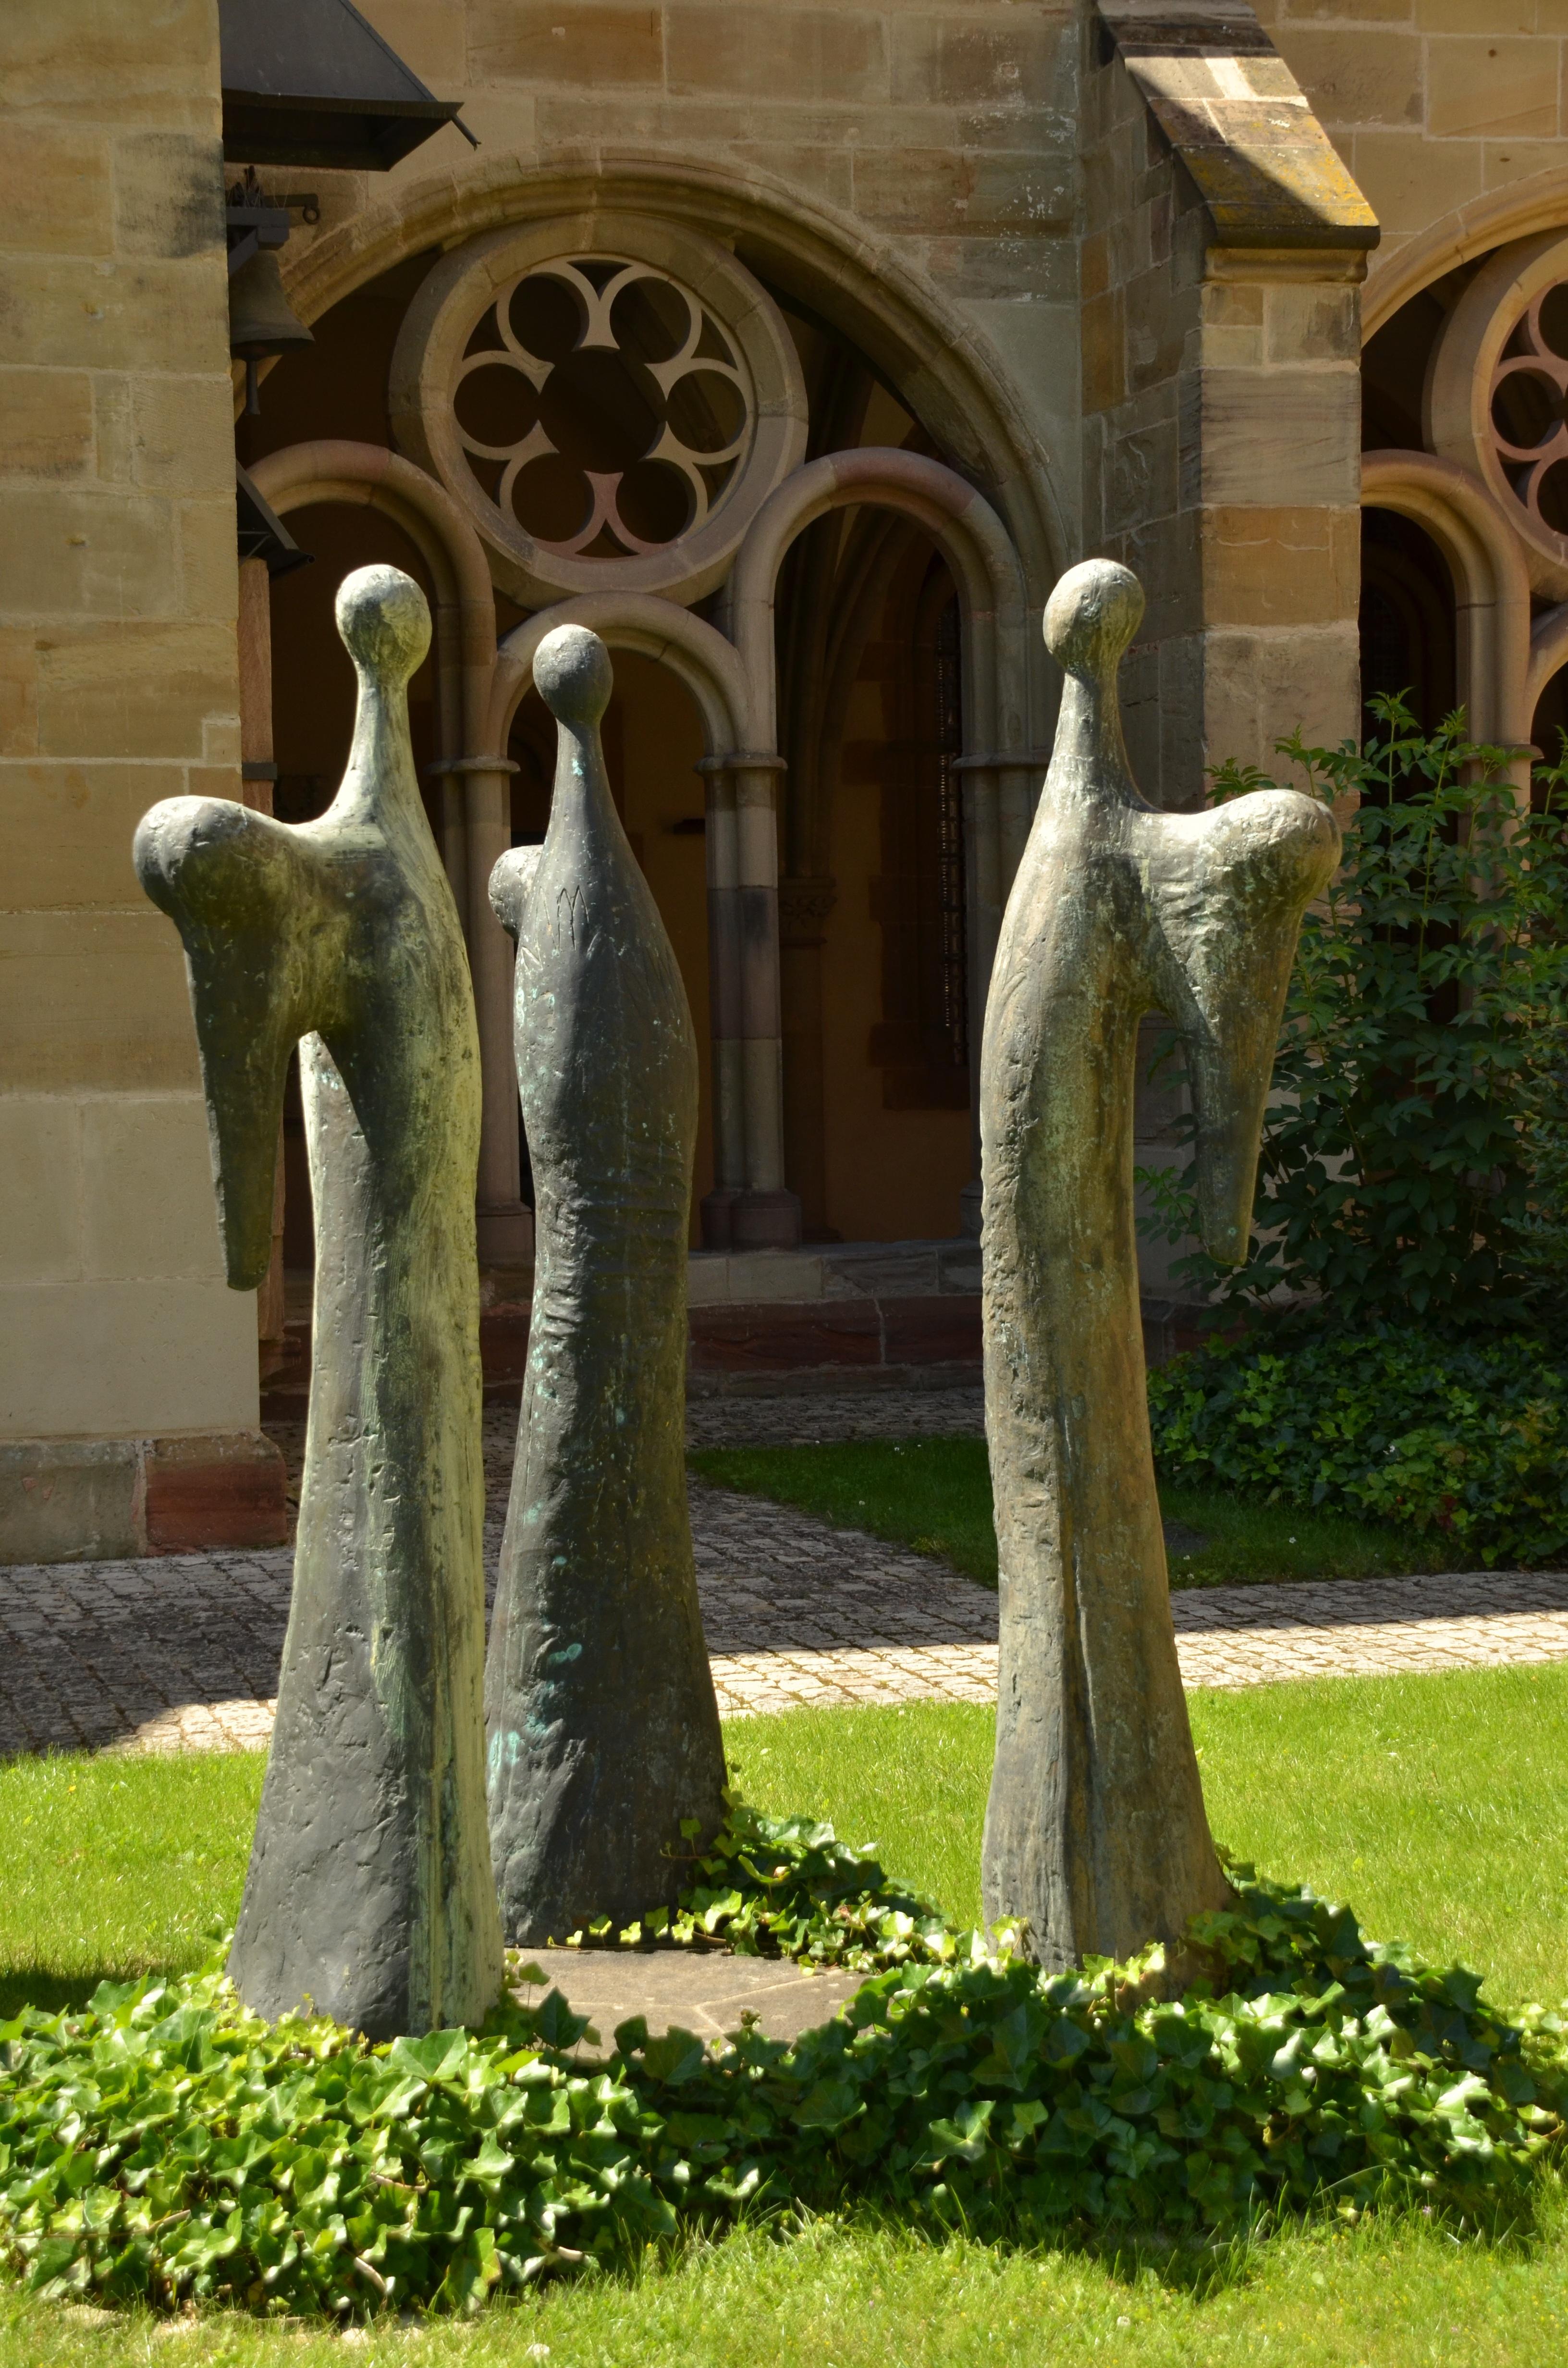 Gambar Abstrak Monumen Patung Agama Gereja Taman